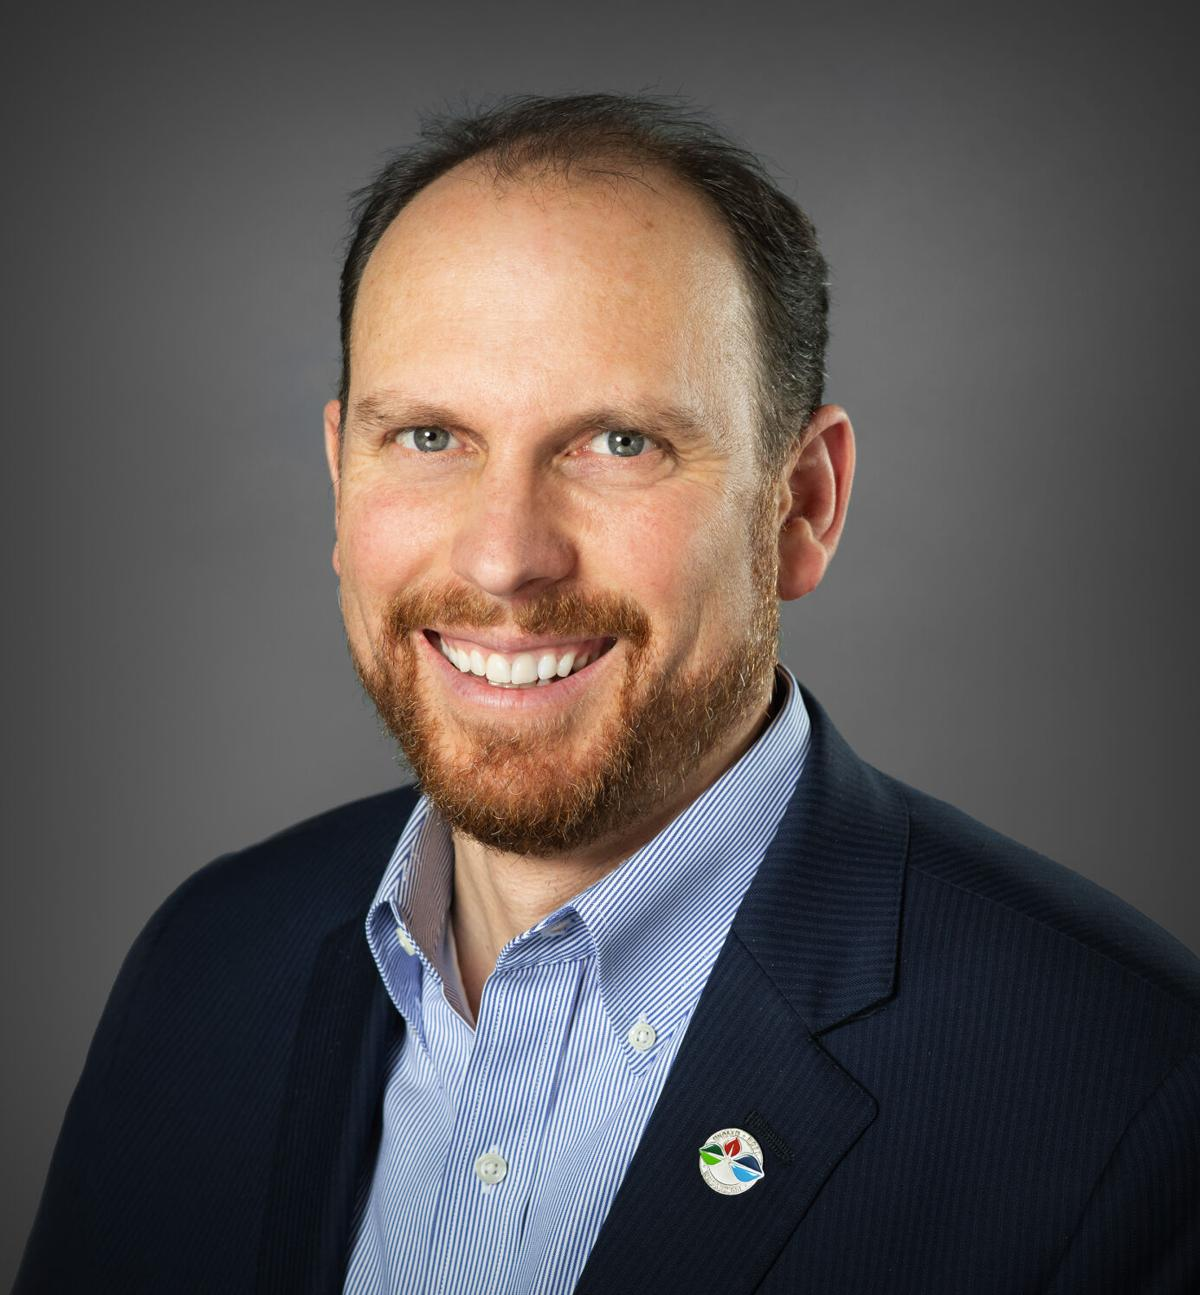 Daniel Wolcott